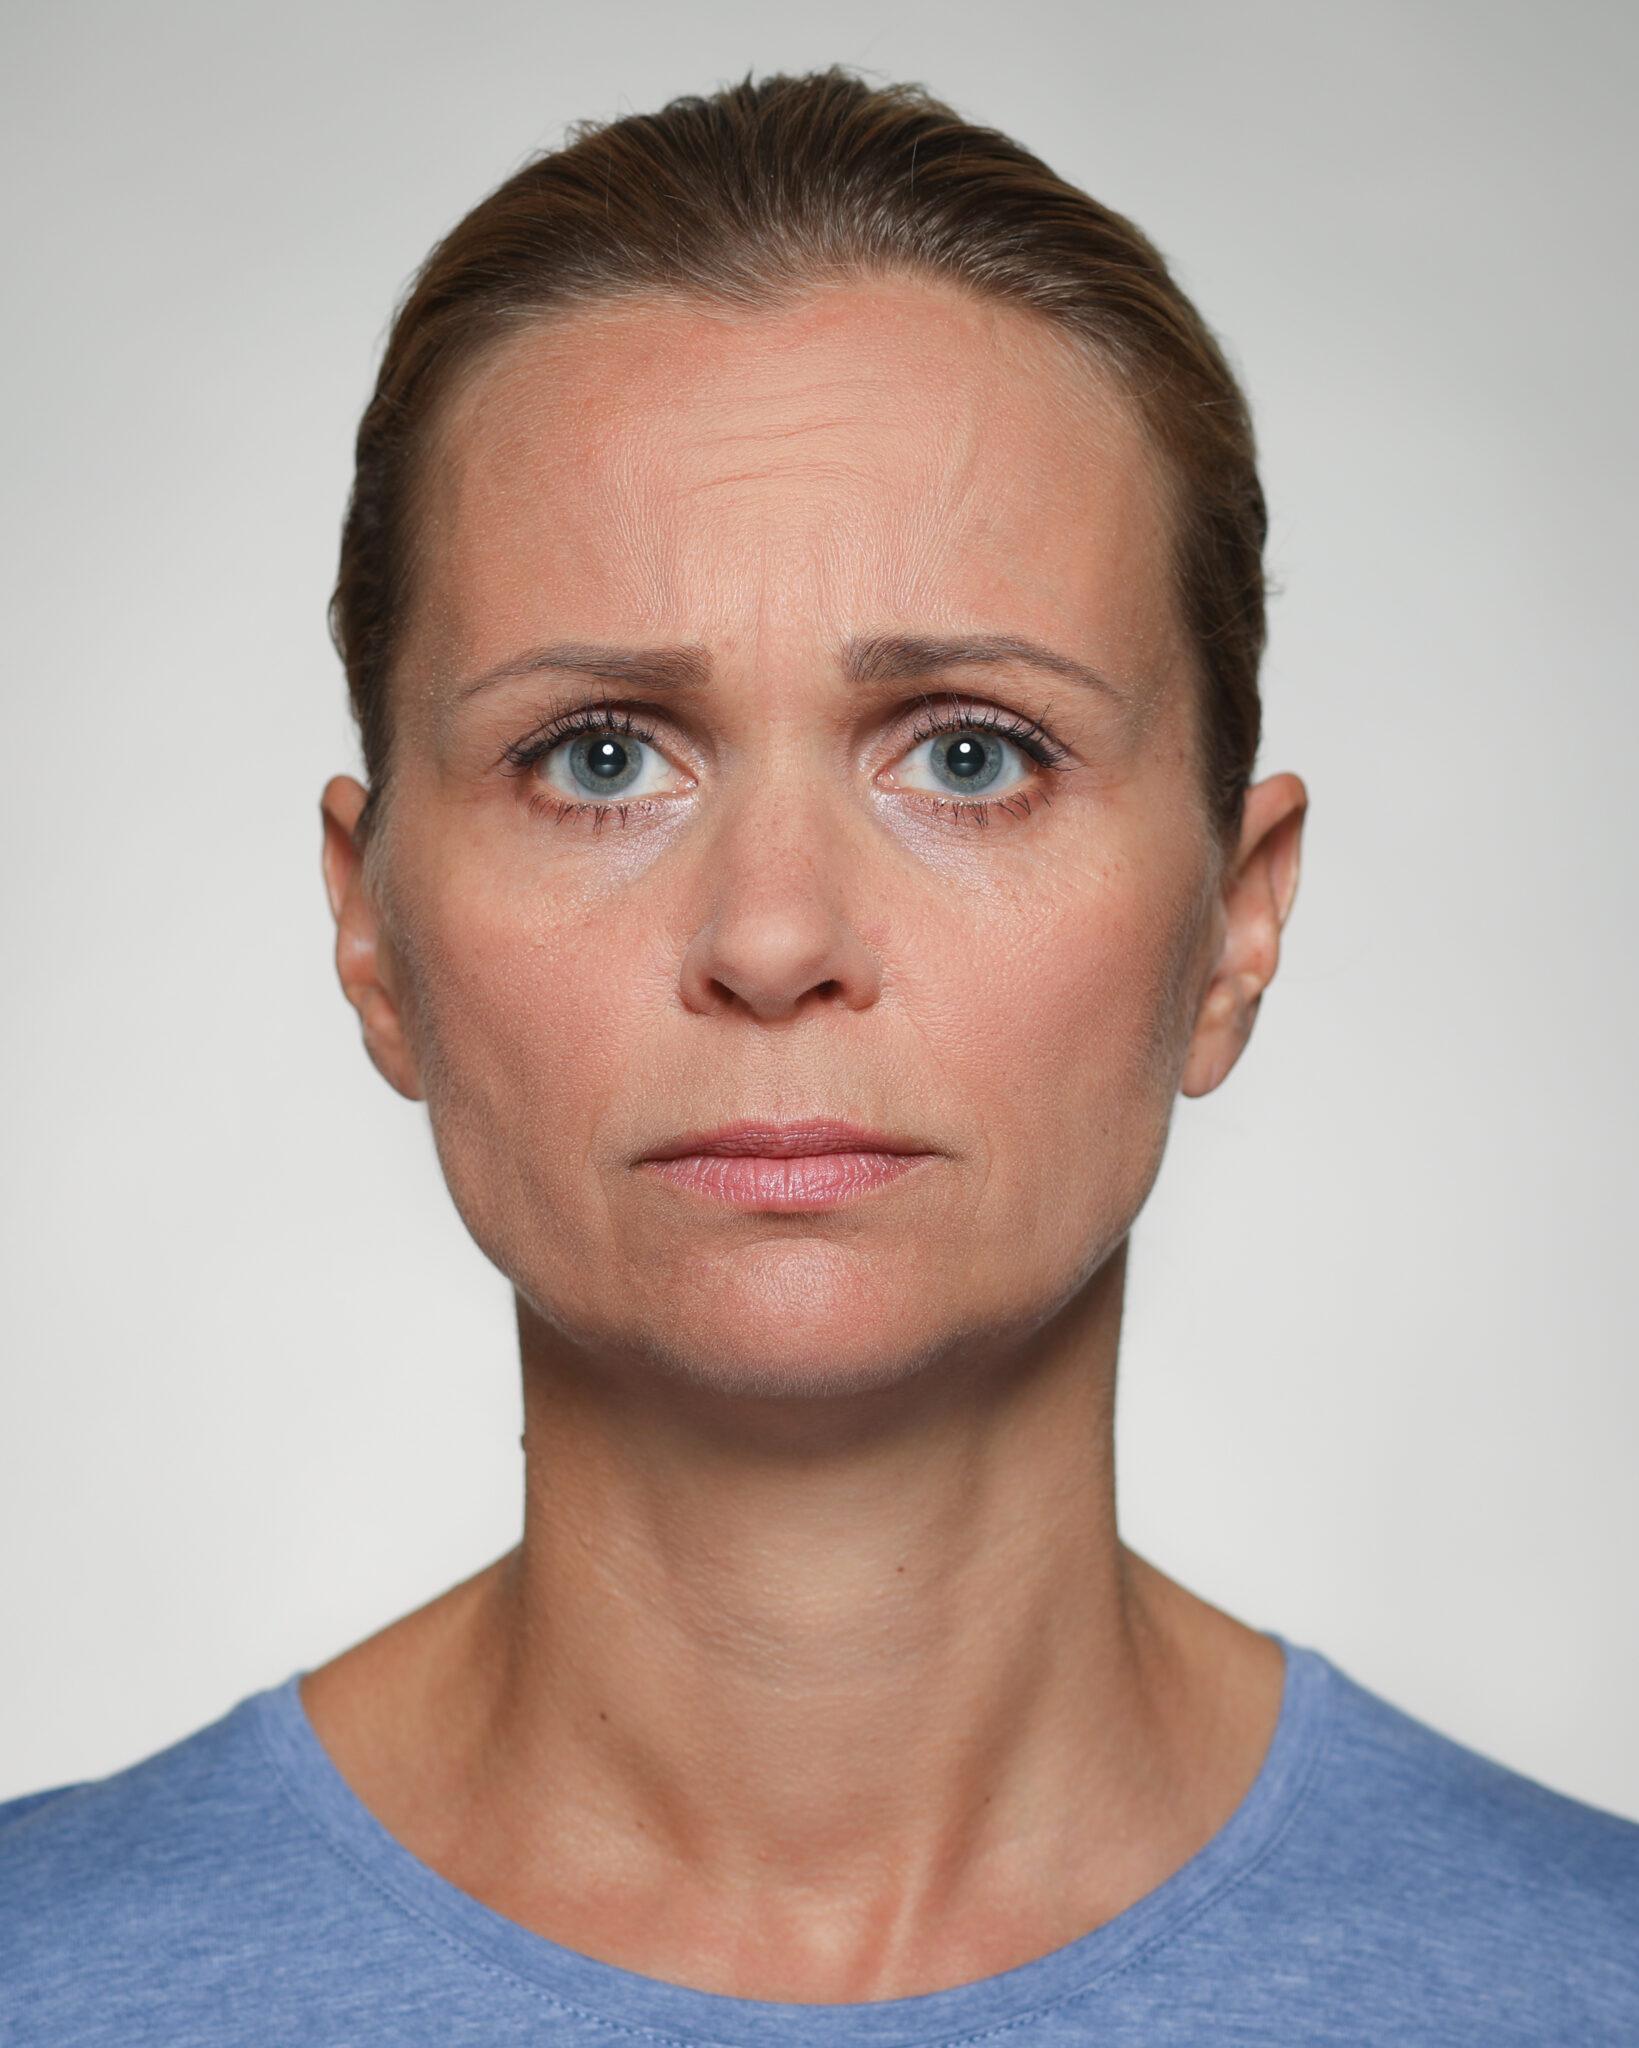 Augenbrauen-Innenseiten schräg hochziehen - Eilert-Akademie